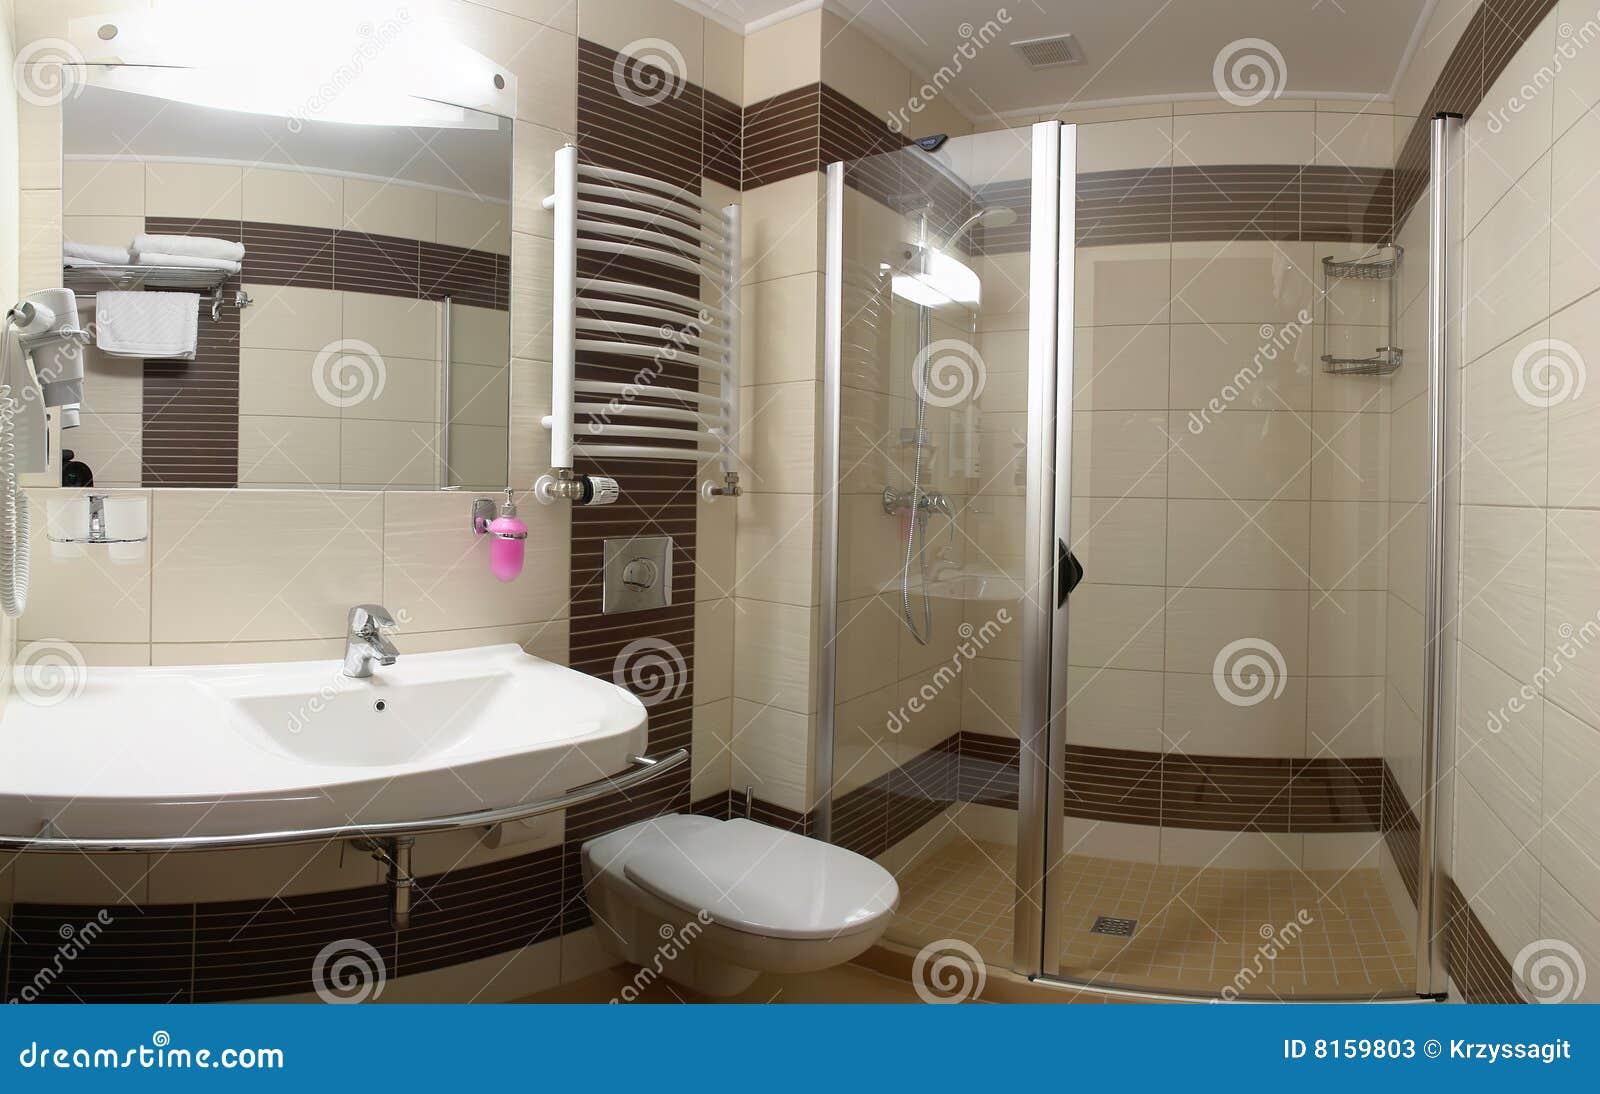 Detalhes interiores de banheiro moderno luxuoso com compartimento do  #87A922 1300x906 Banheiro Com Detalhes Azul